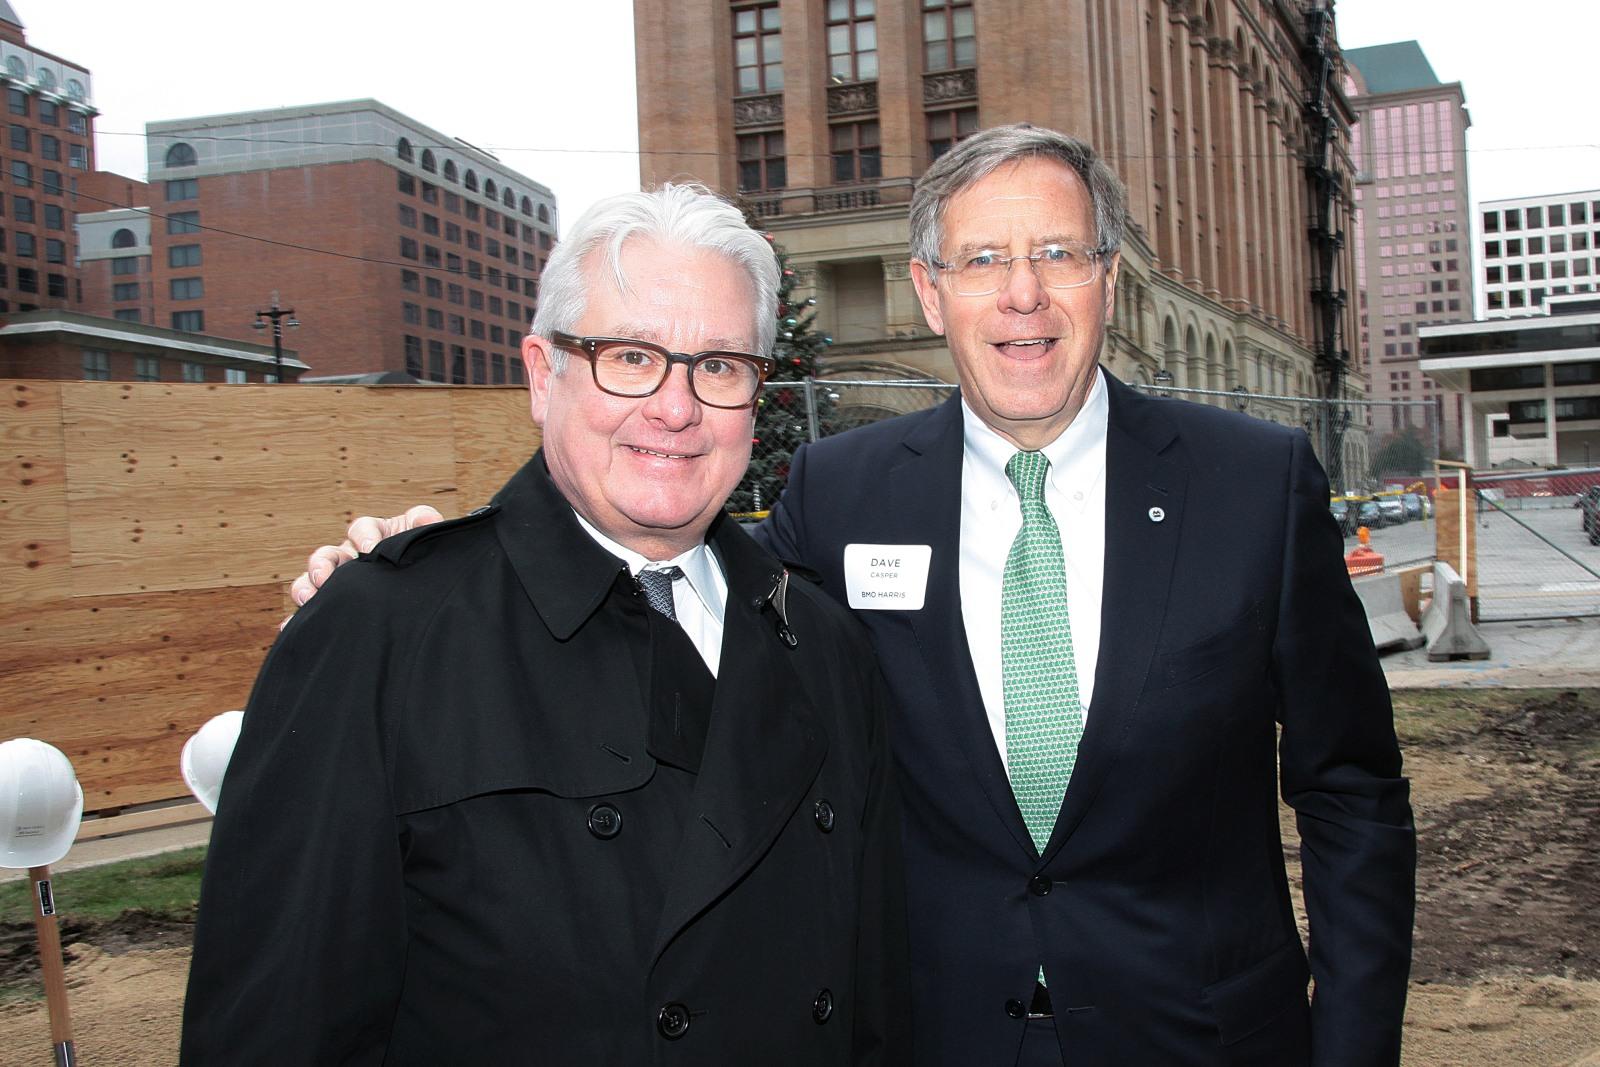 Mark Irgens and BMO CEO David Casper